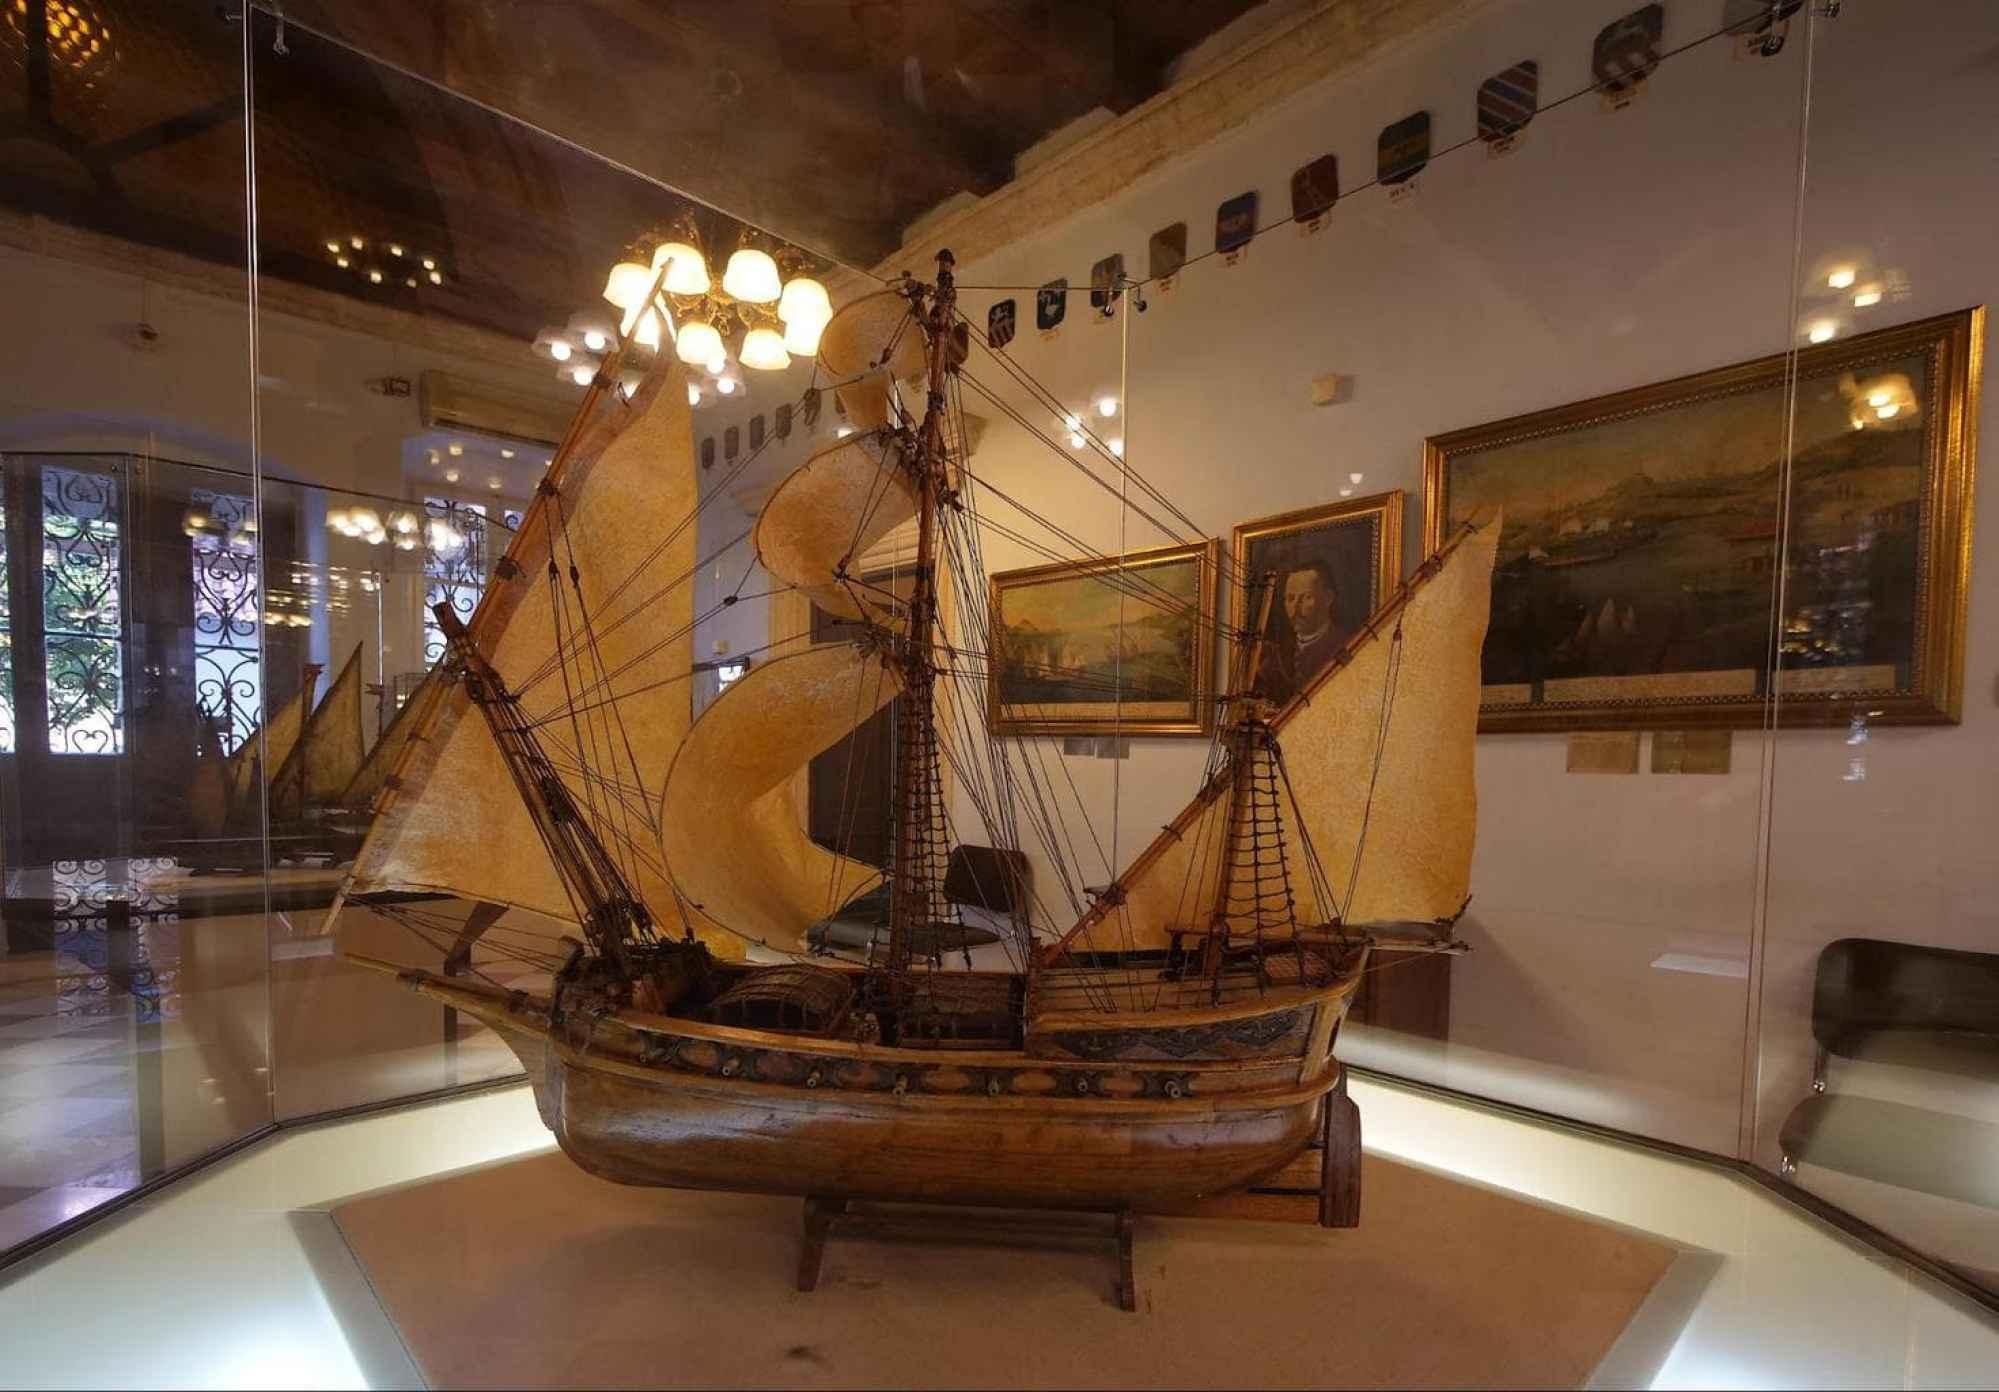 Maritime Museum of Kotor model ship